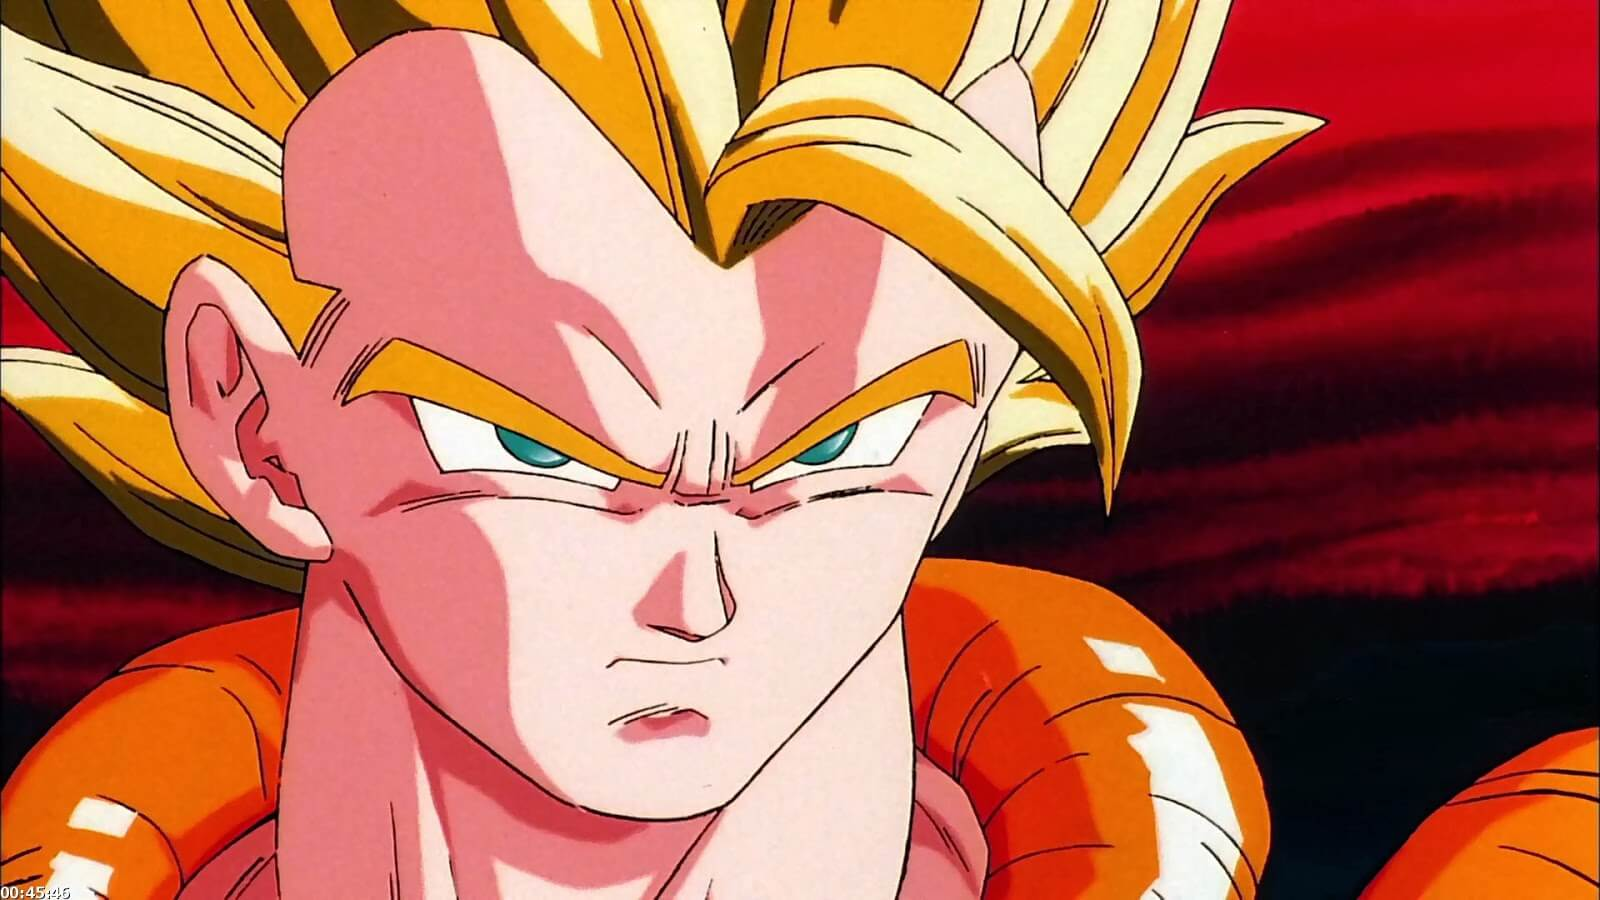 Dragon Ball Super : Broly, attendez-vous le retour de Gogeta ?